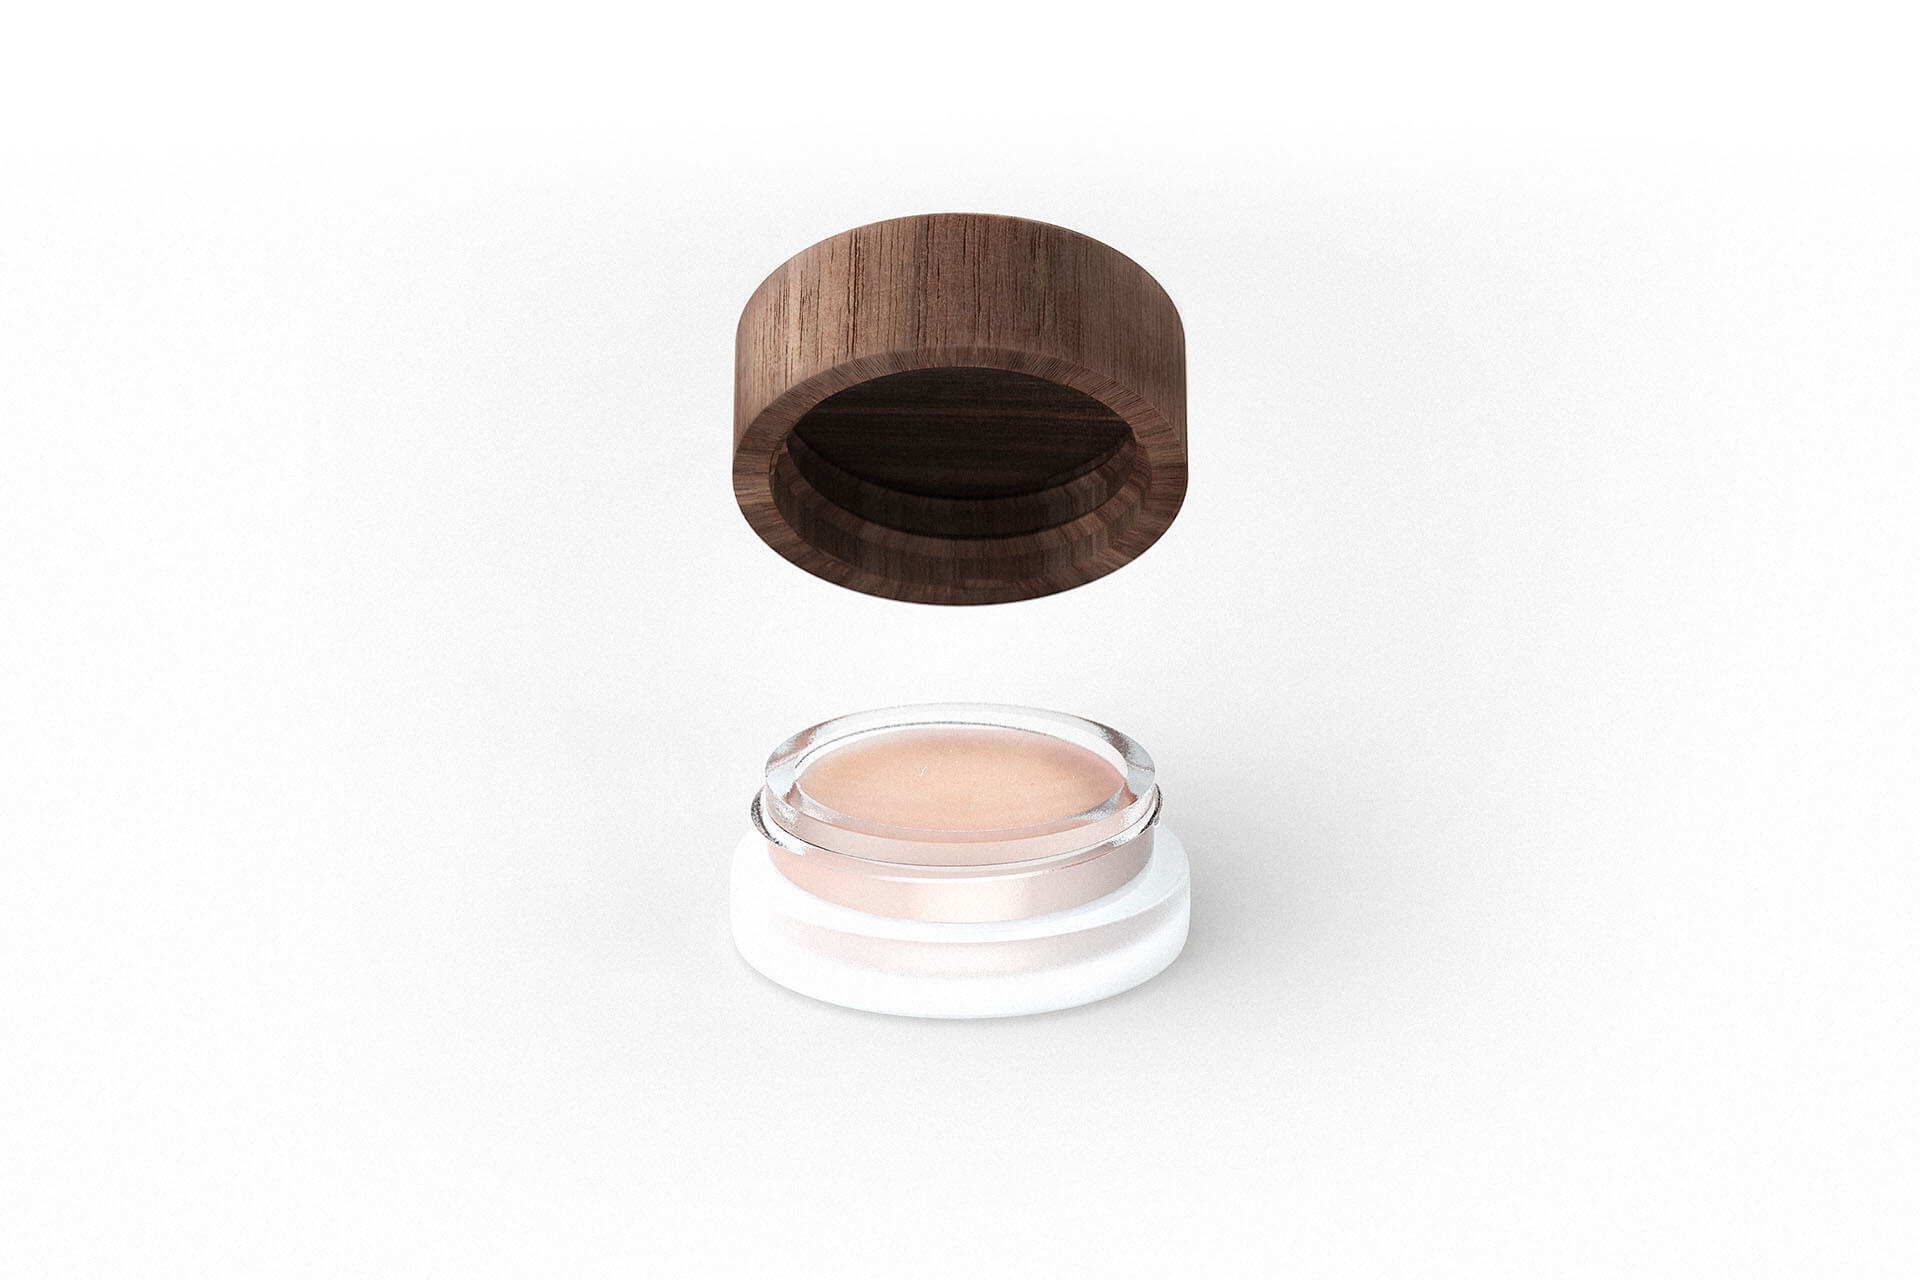 LO Care - all natural lip care - BOMBA